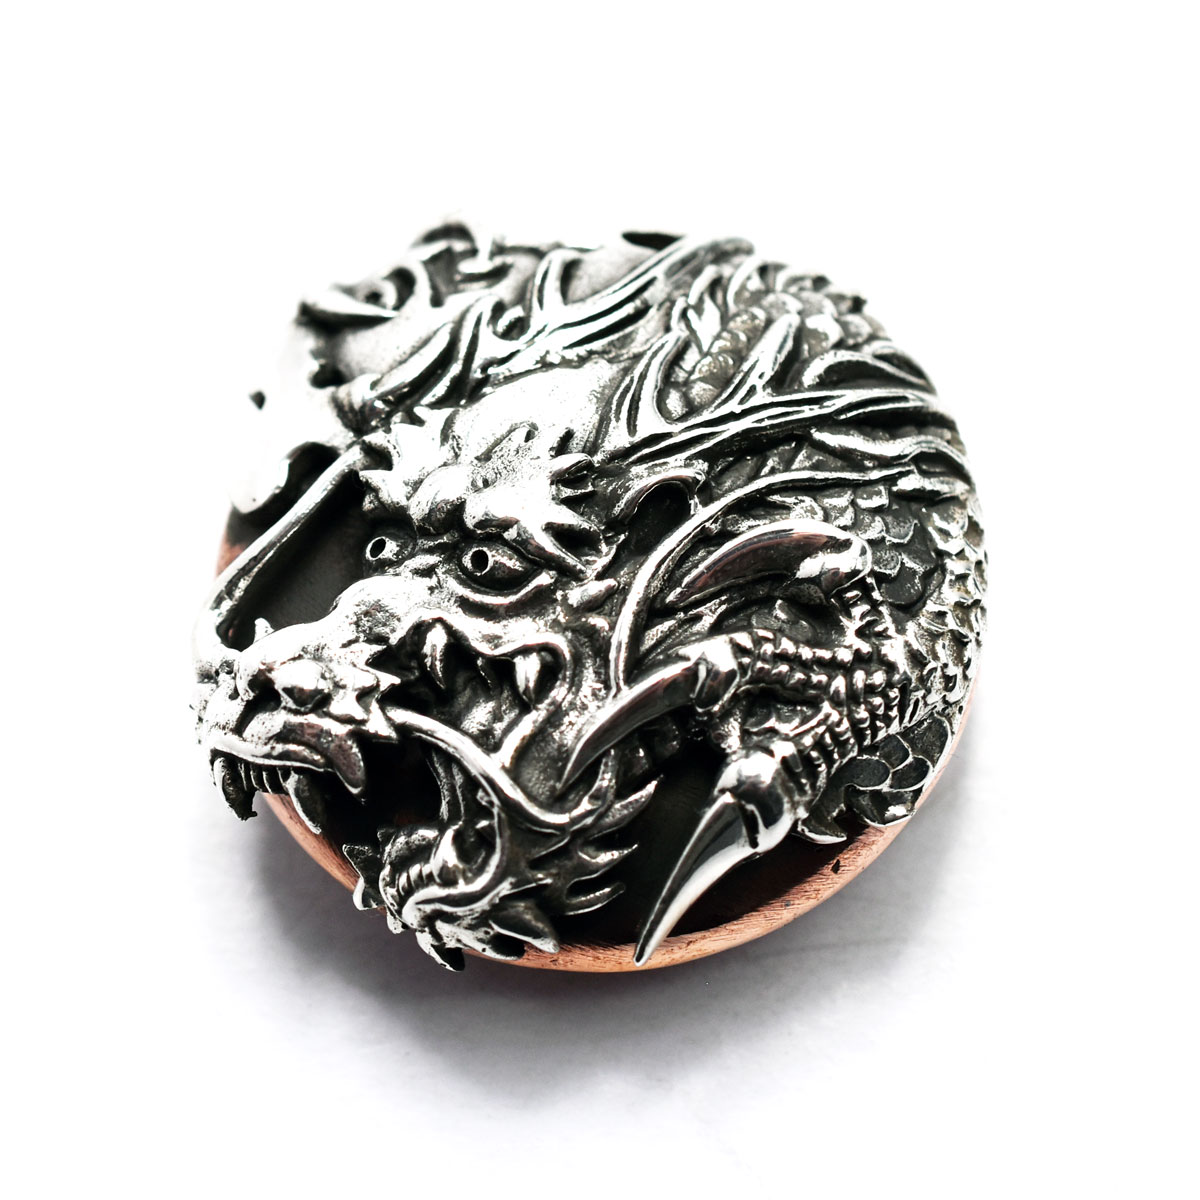 和柄コンチョ ウォレット カスタムパーツ シルバーコンチョ 浮世絵 昇龍 昇竜コンチョ 和彫り龍 ボタン ドラゴン コンチョ カッパー 贈物 和柄 シルバー925 銅 豪華な 純銀